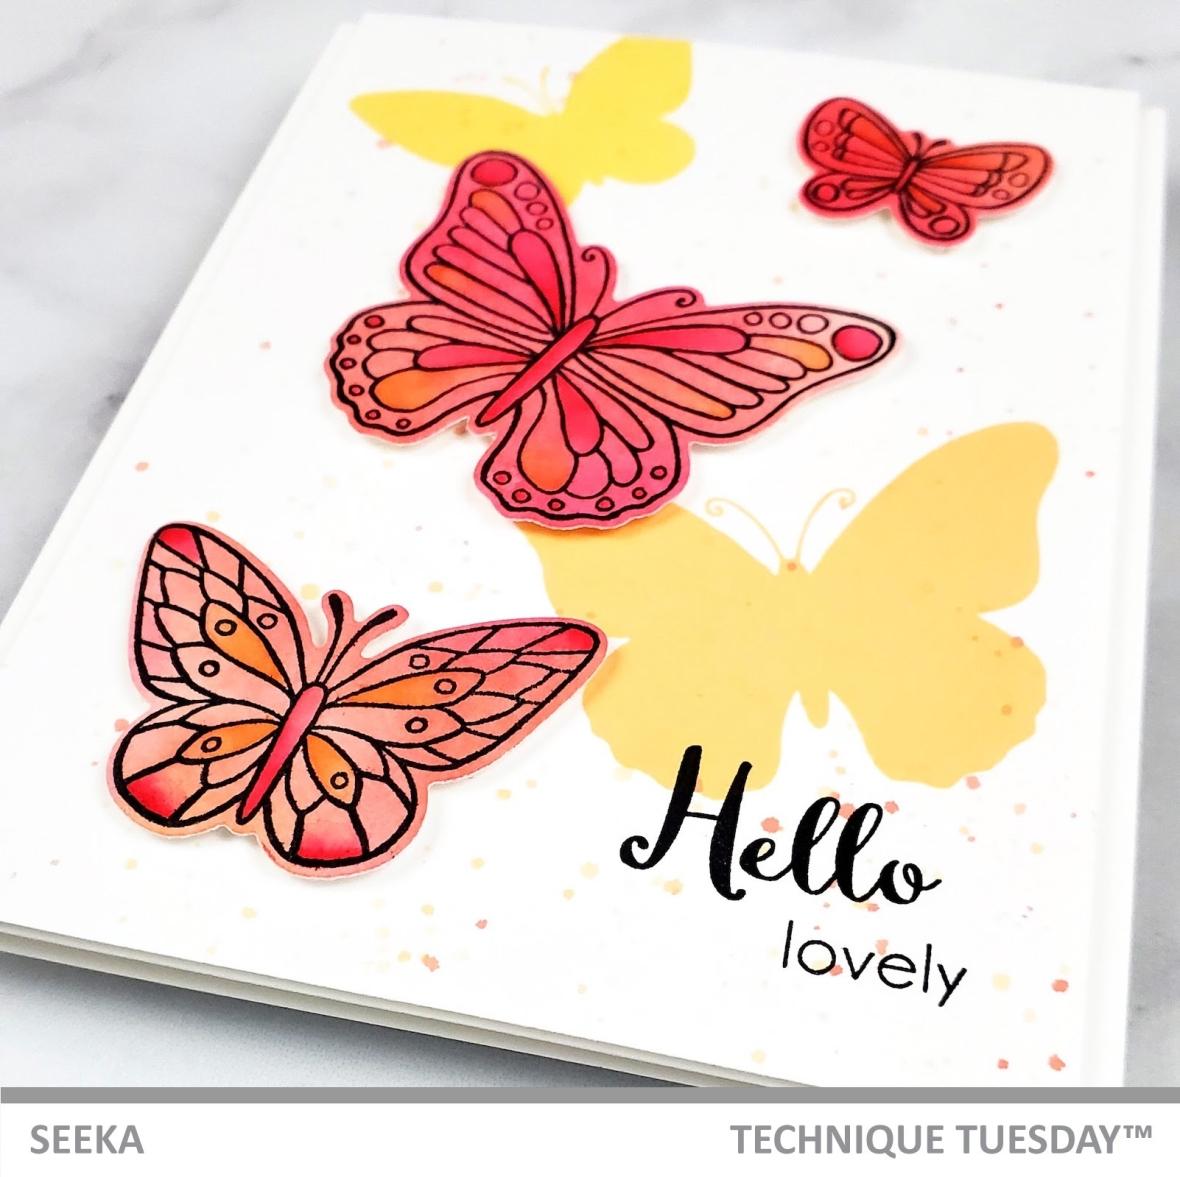 Seeka - Beautiful Butterflies - Friendly February 2